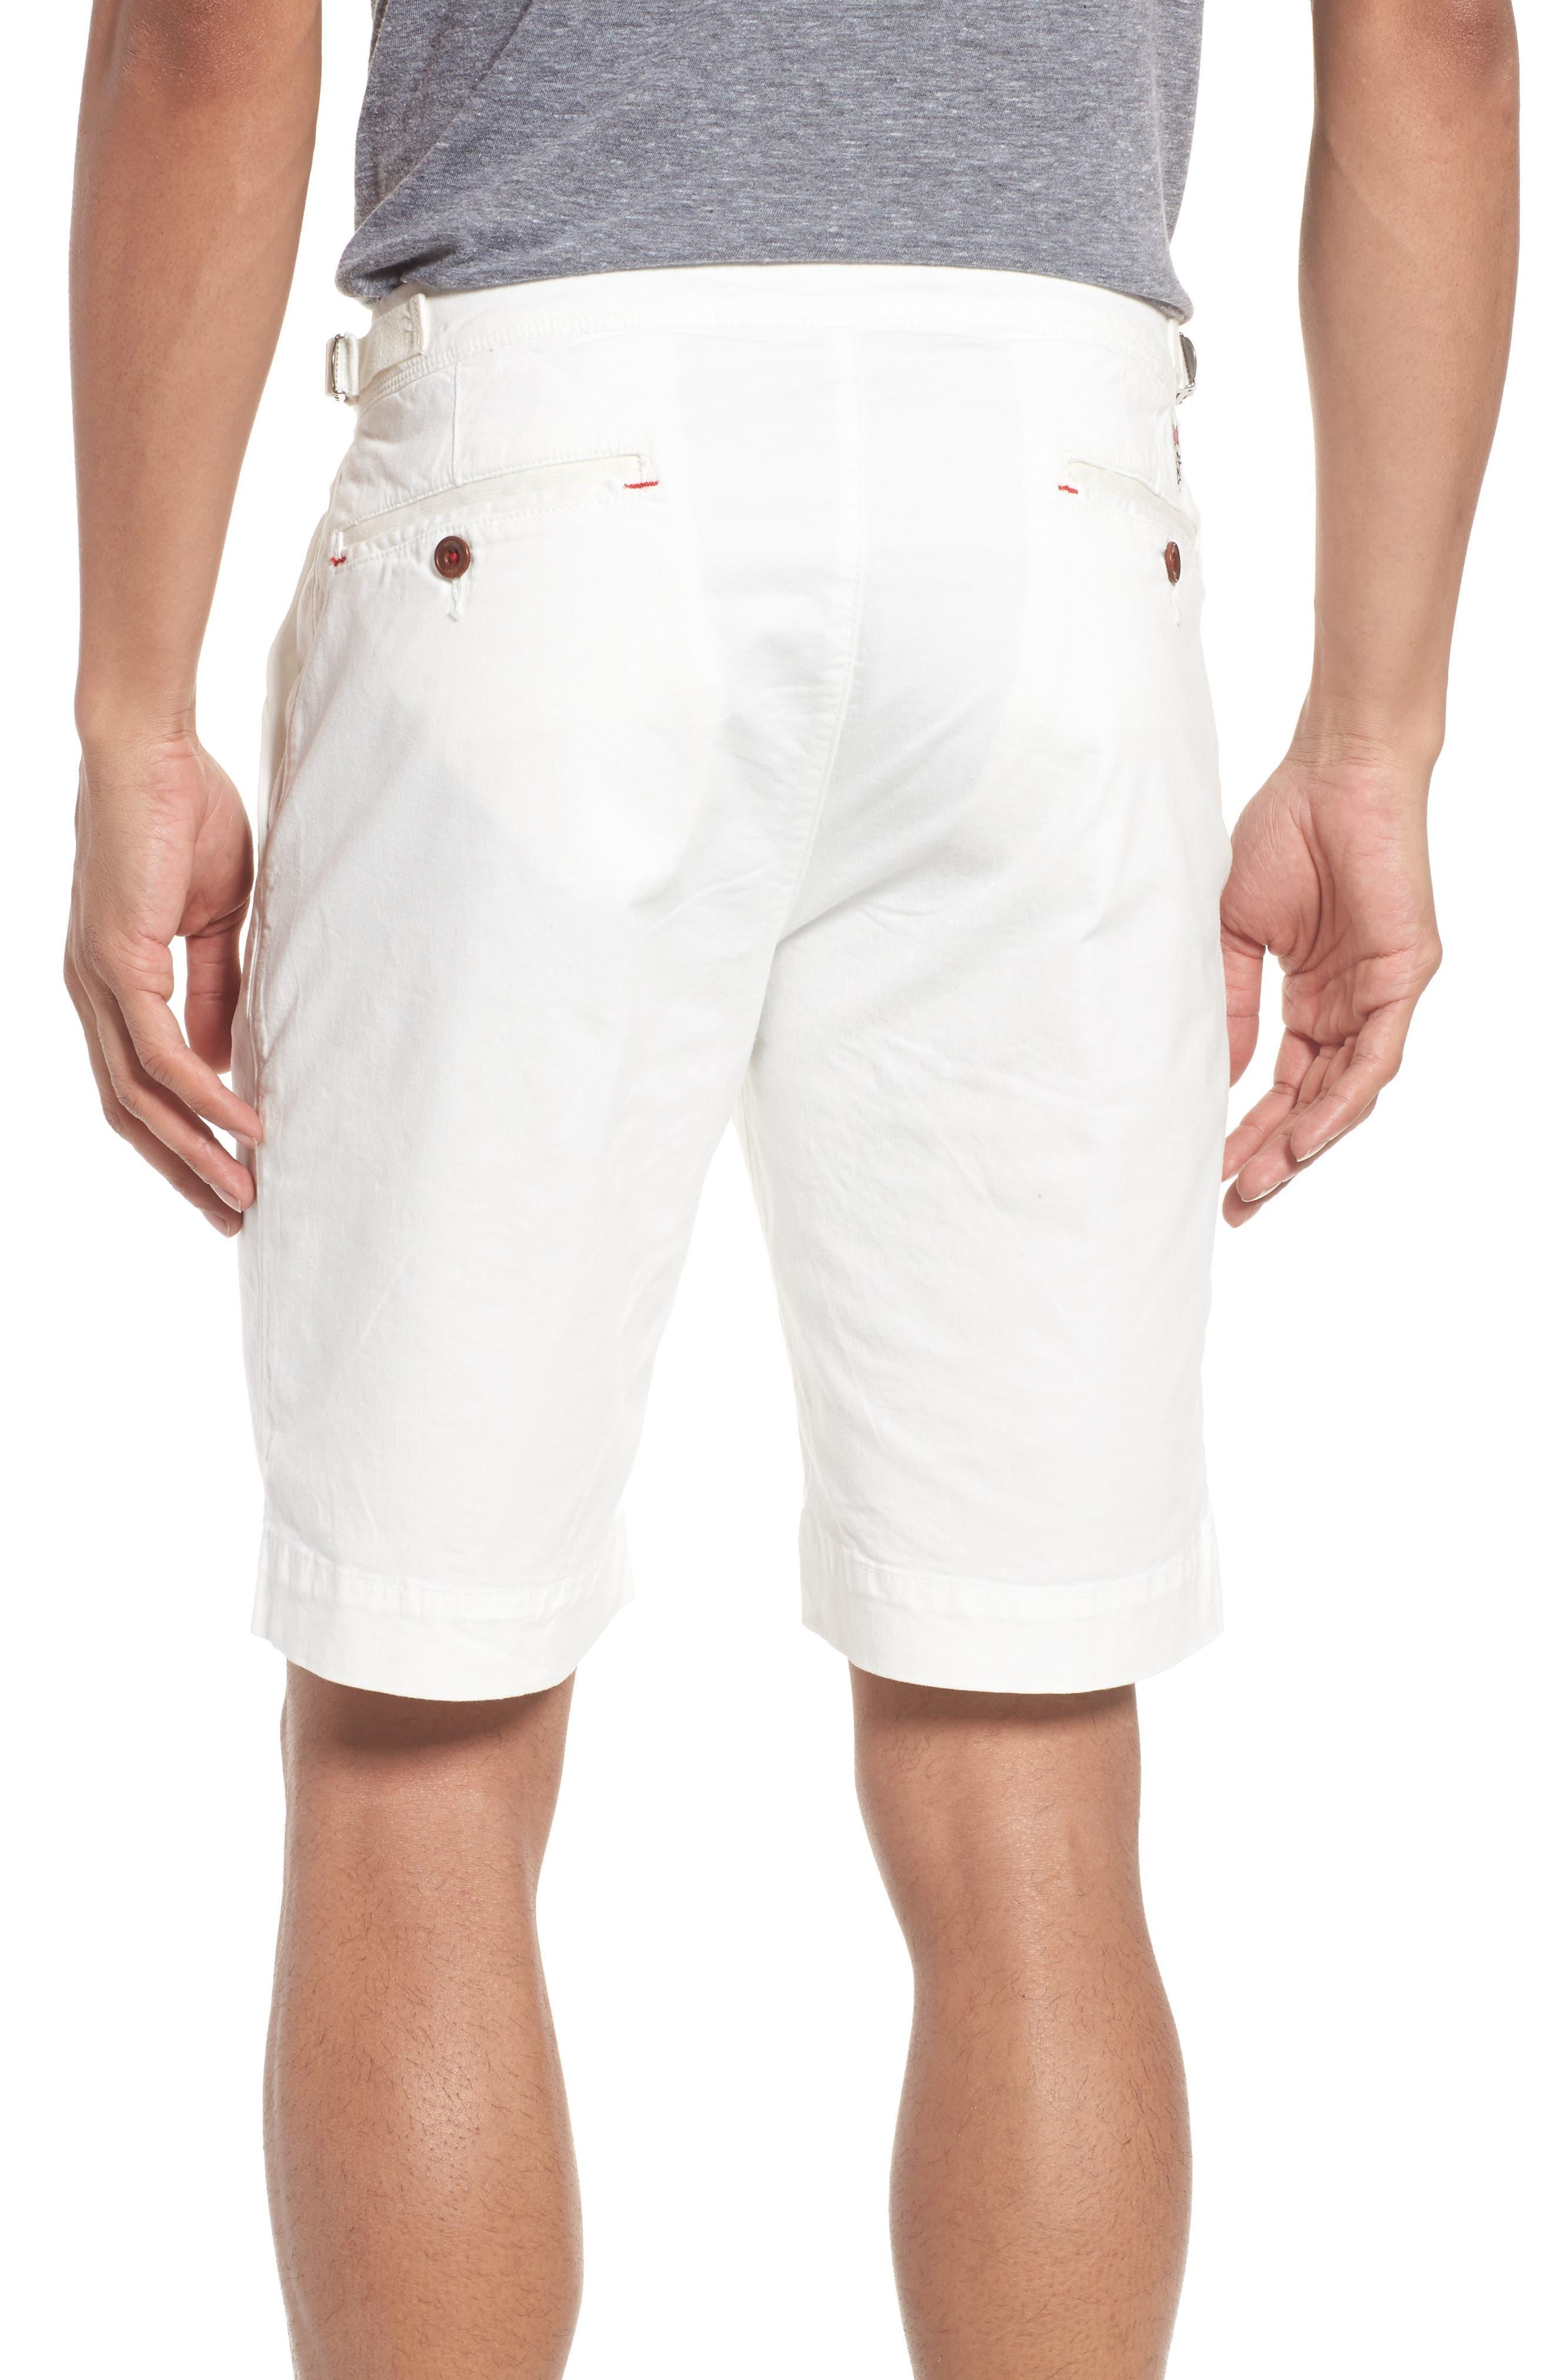 Triumph Shorts,                             Alternate thumbnail 16, color,